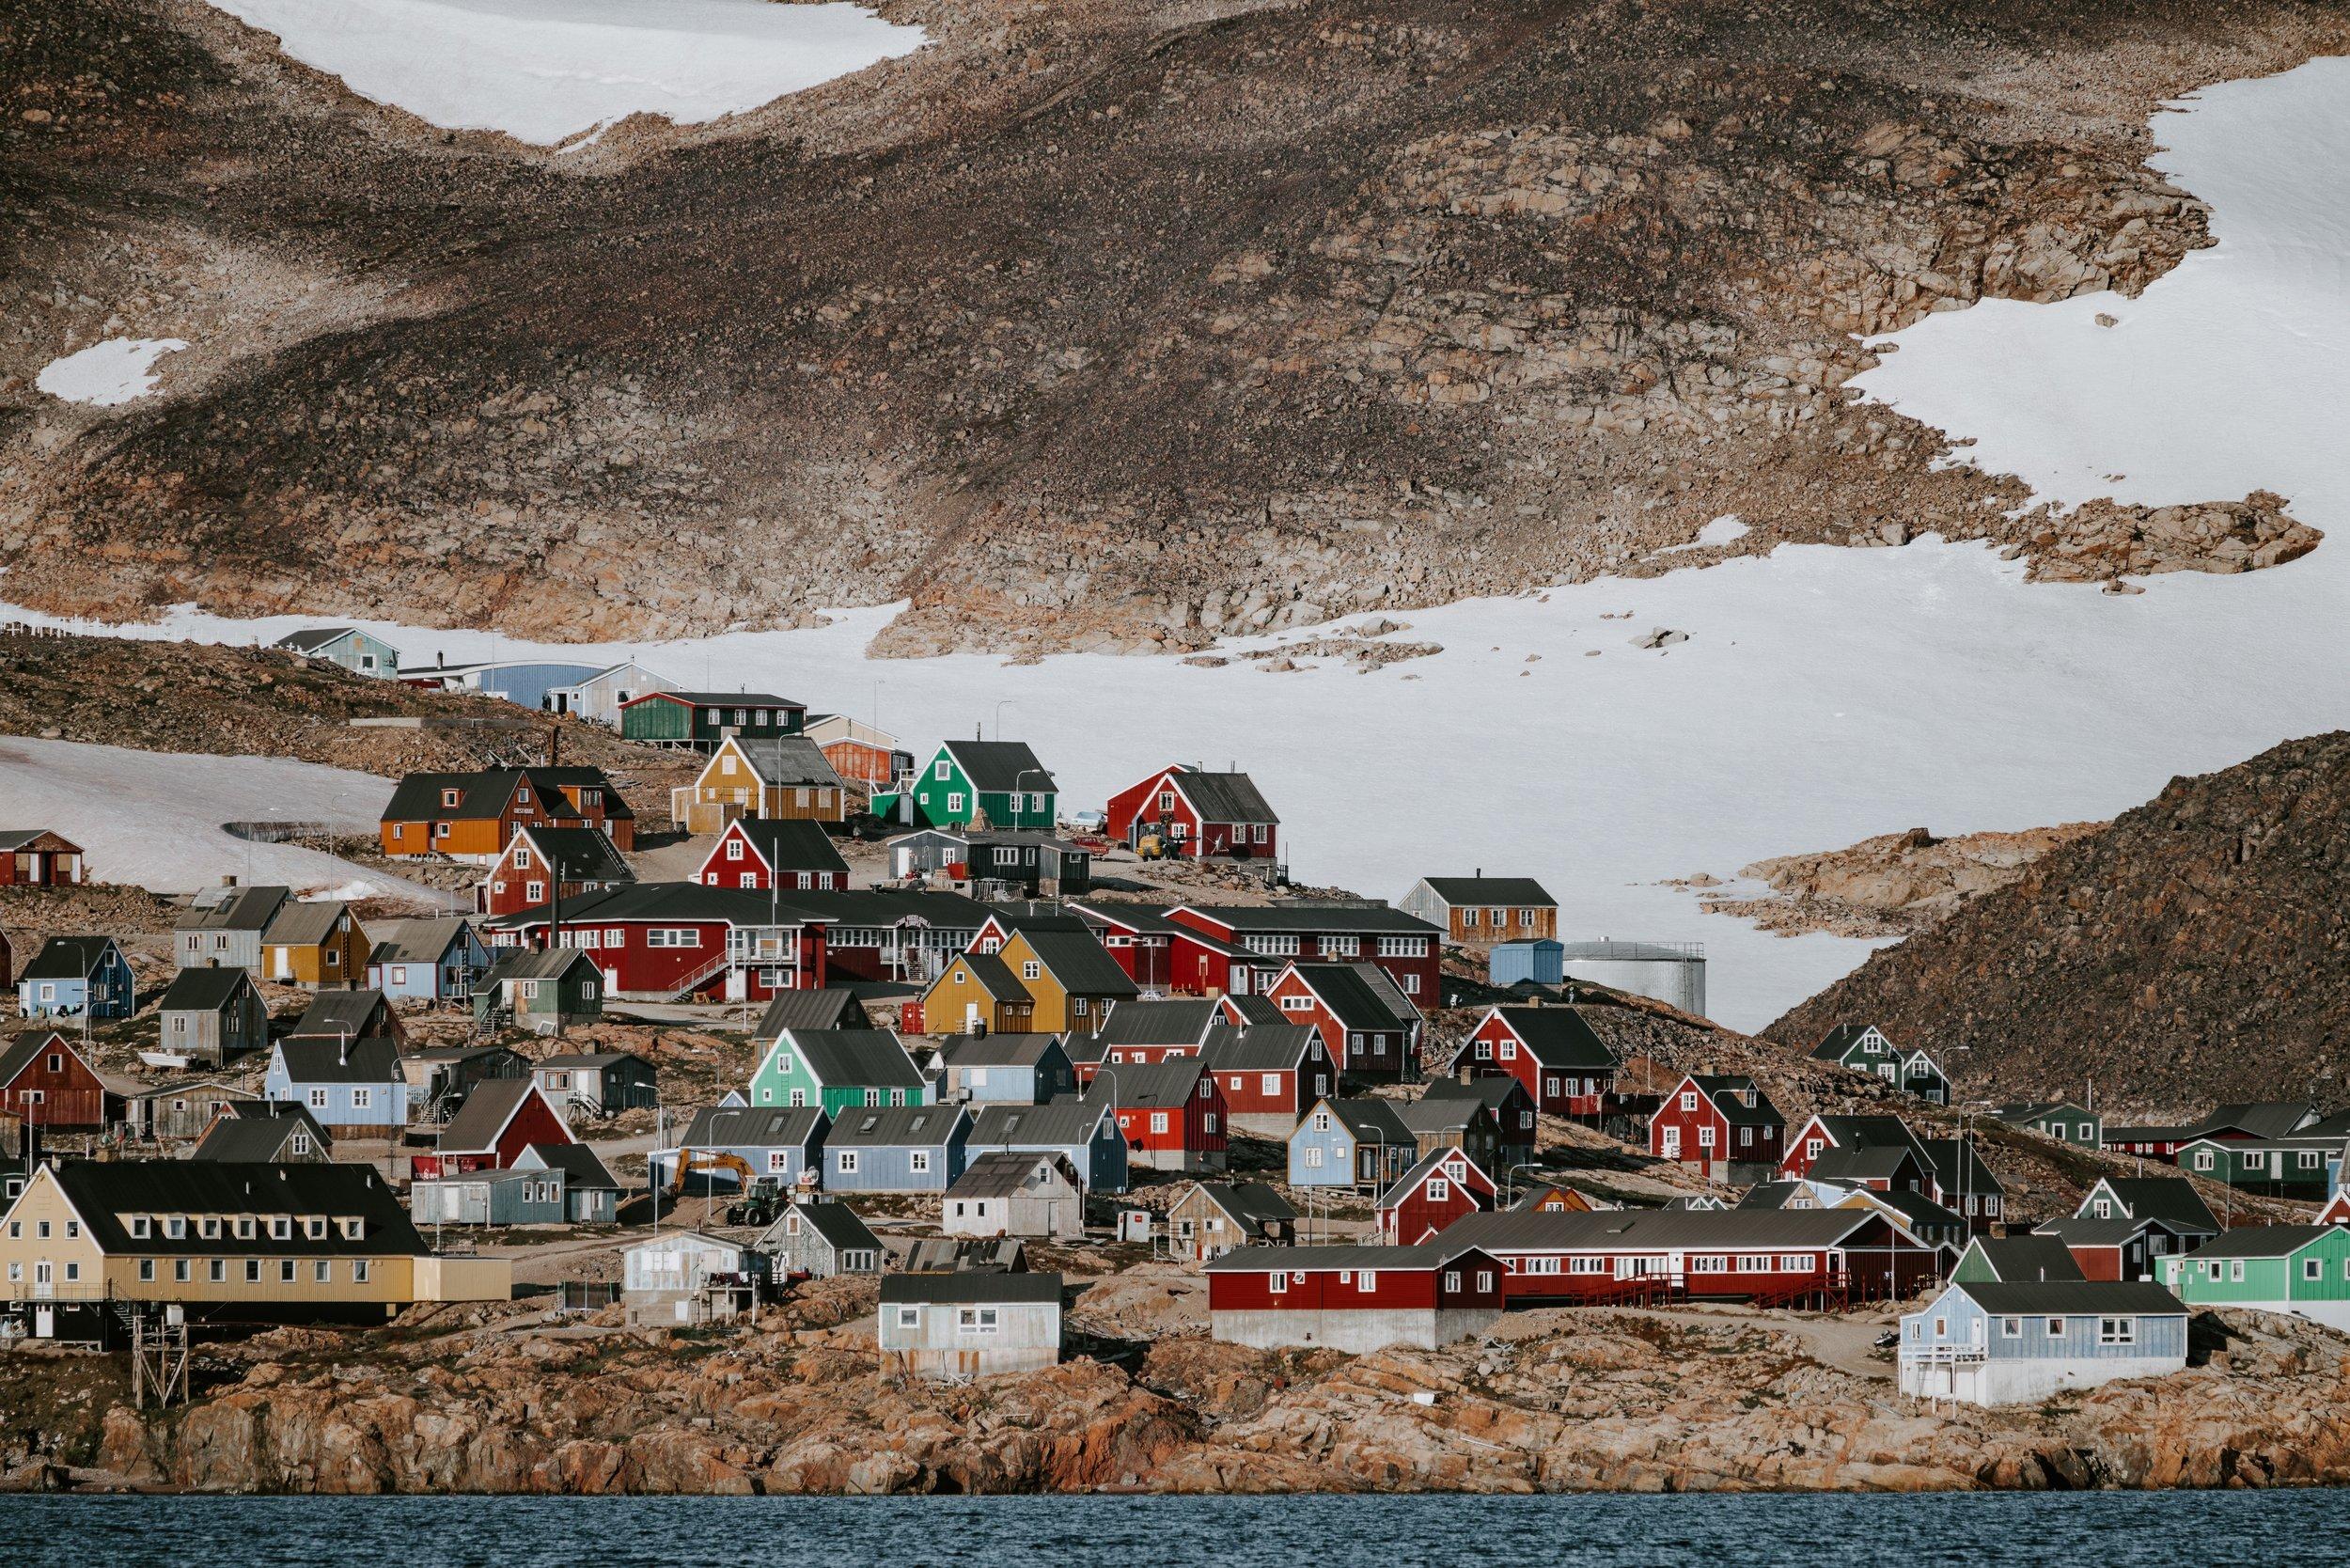 Ittoqqortoormiit, Greenland   -  Photo by  Annie Spratt  on  Unsplash